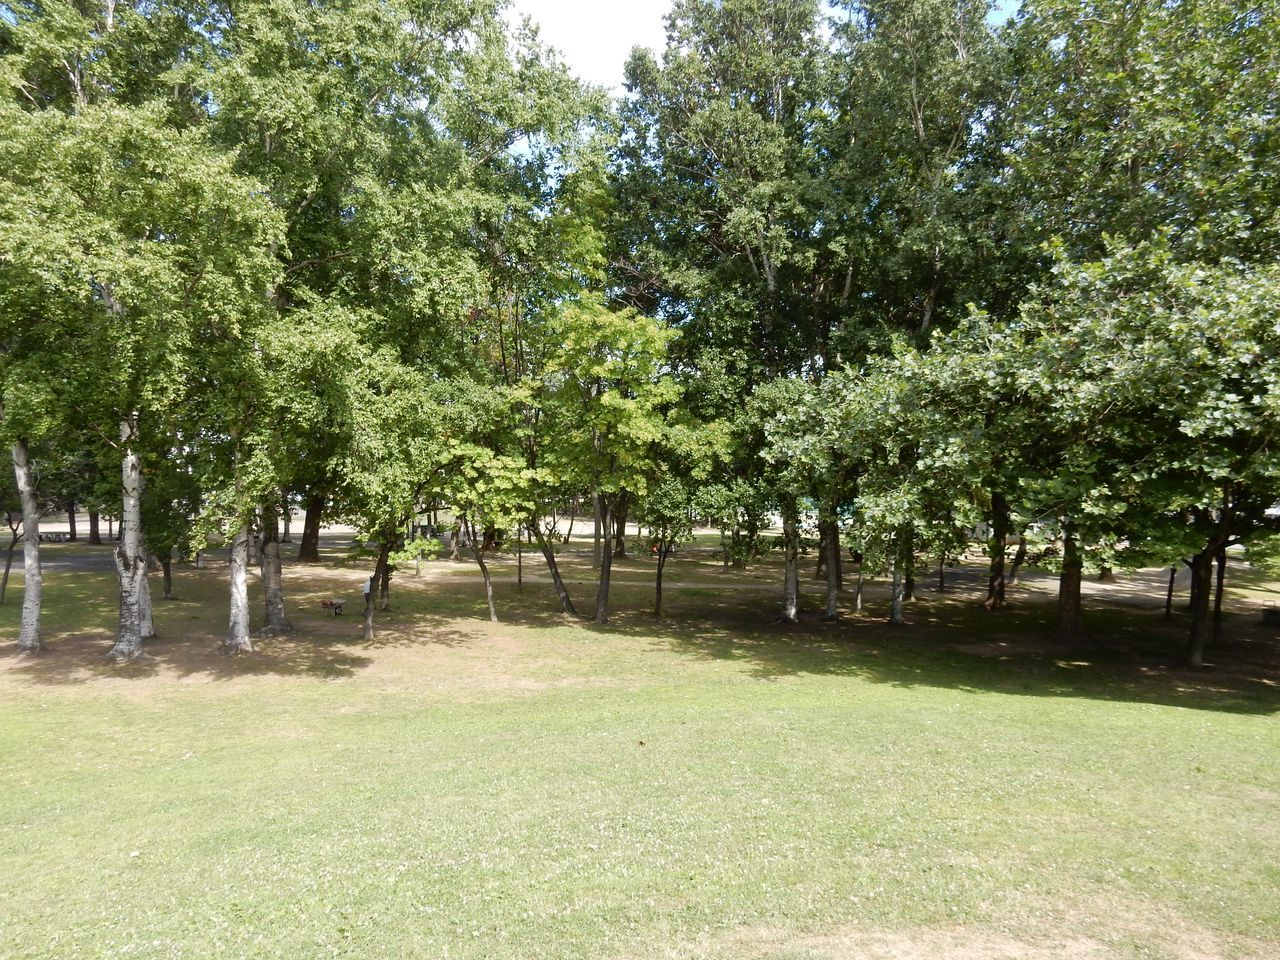 美香保公園の山には高射砲の台座が埋まっている_c0025115_23334574.jpg